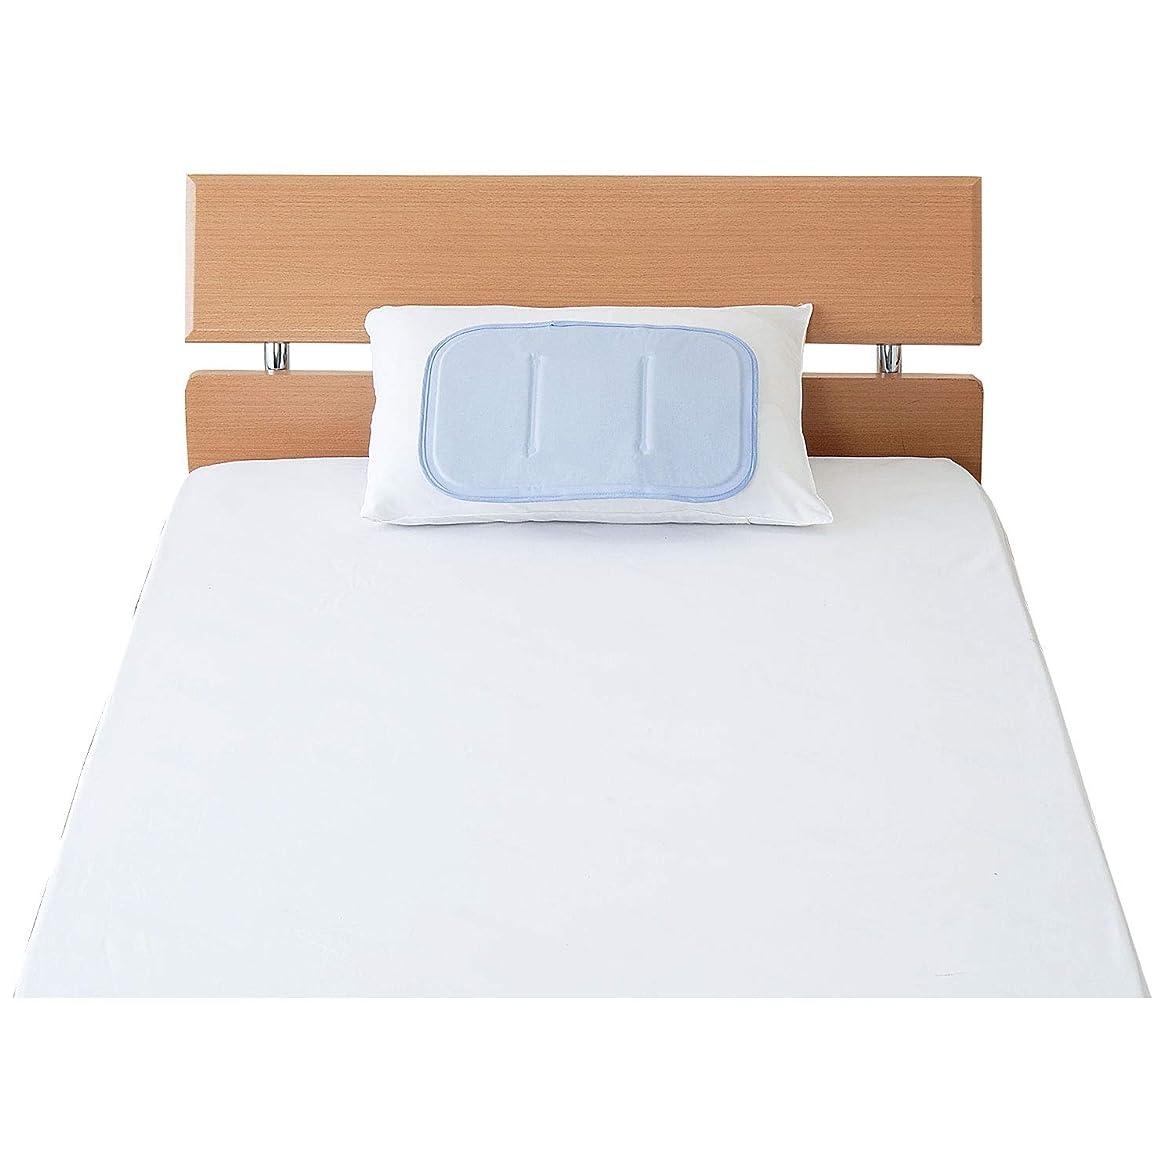 法令お勧め強制EFFECT ひんやり クール COOL ジェルマット ソフトタイプ 枕用 2018年度版